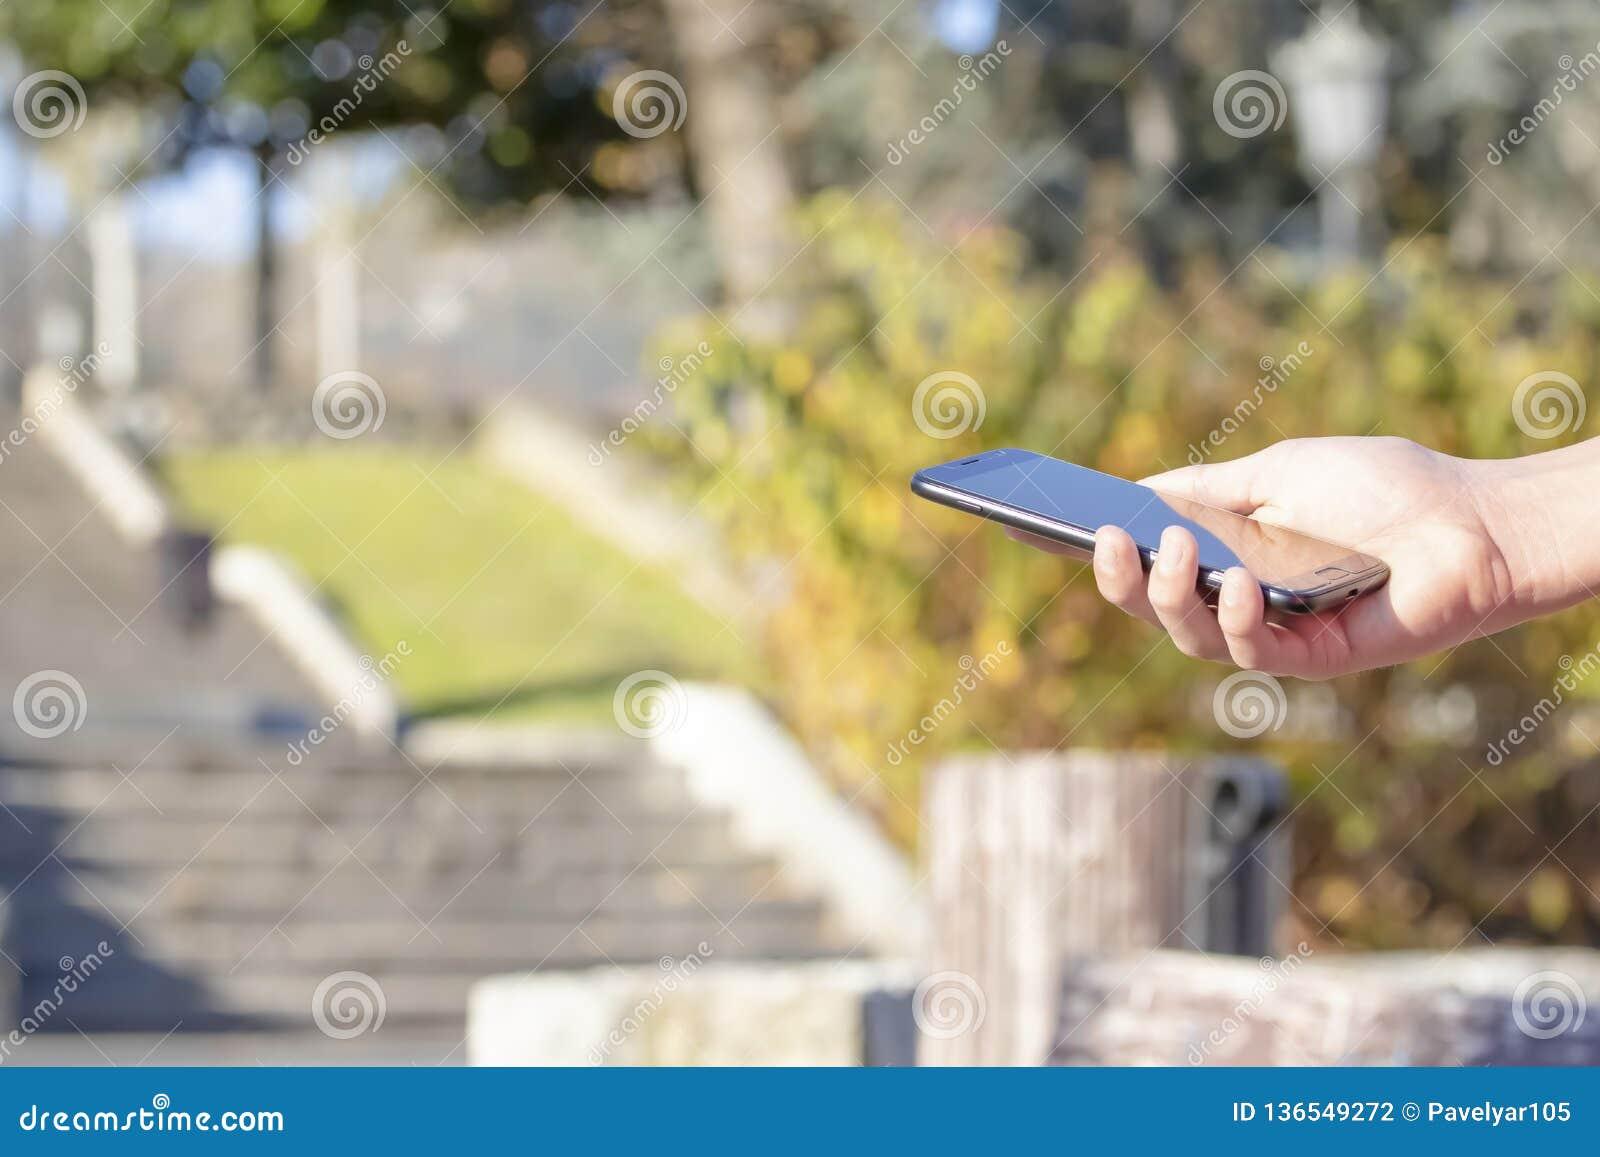 Черный смартфон в руке в парке на открытом воздухе, осветил по солнцу